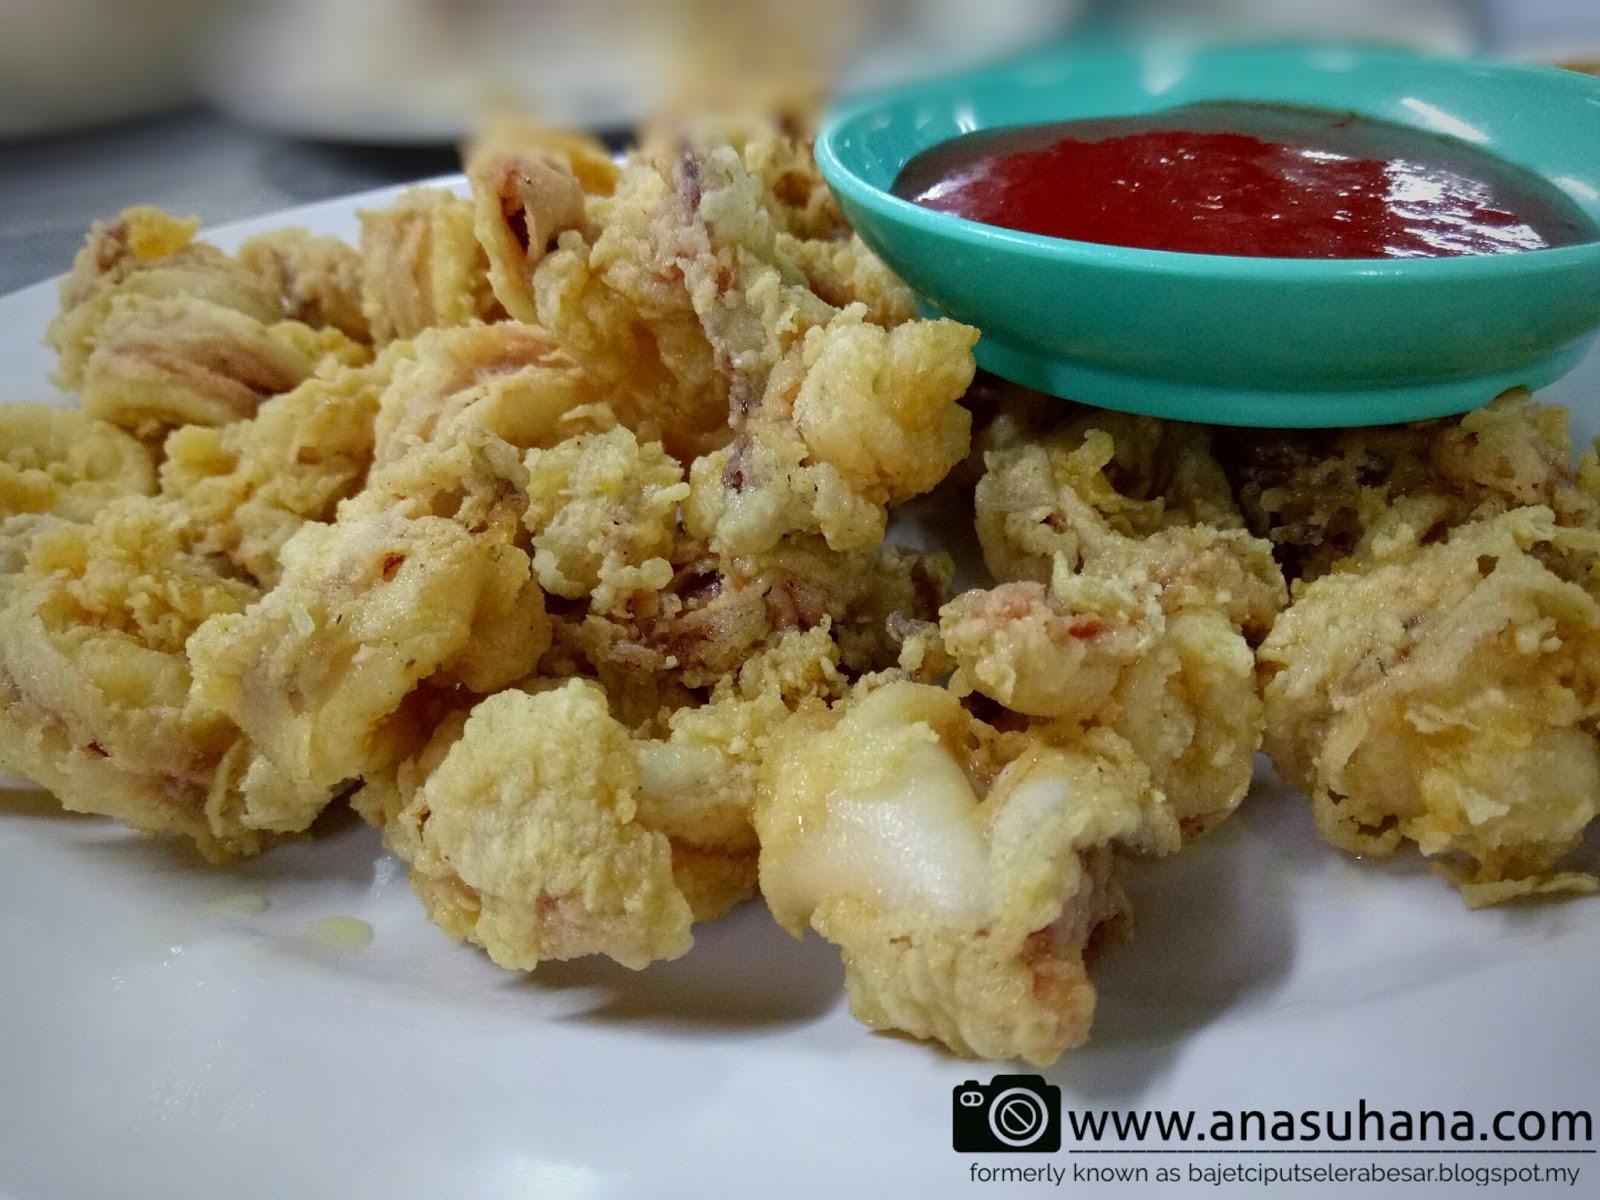 Tempat Menarik di Melaka : Makan Malam di Ikan Bakar Parameswara - Sotong Goreng Tepung